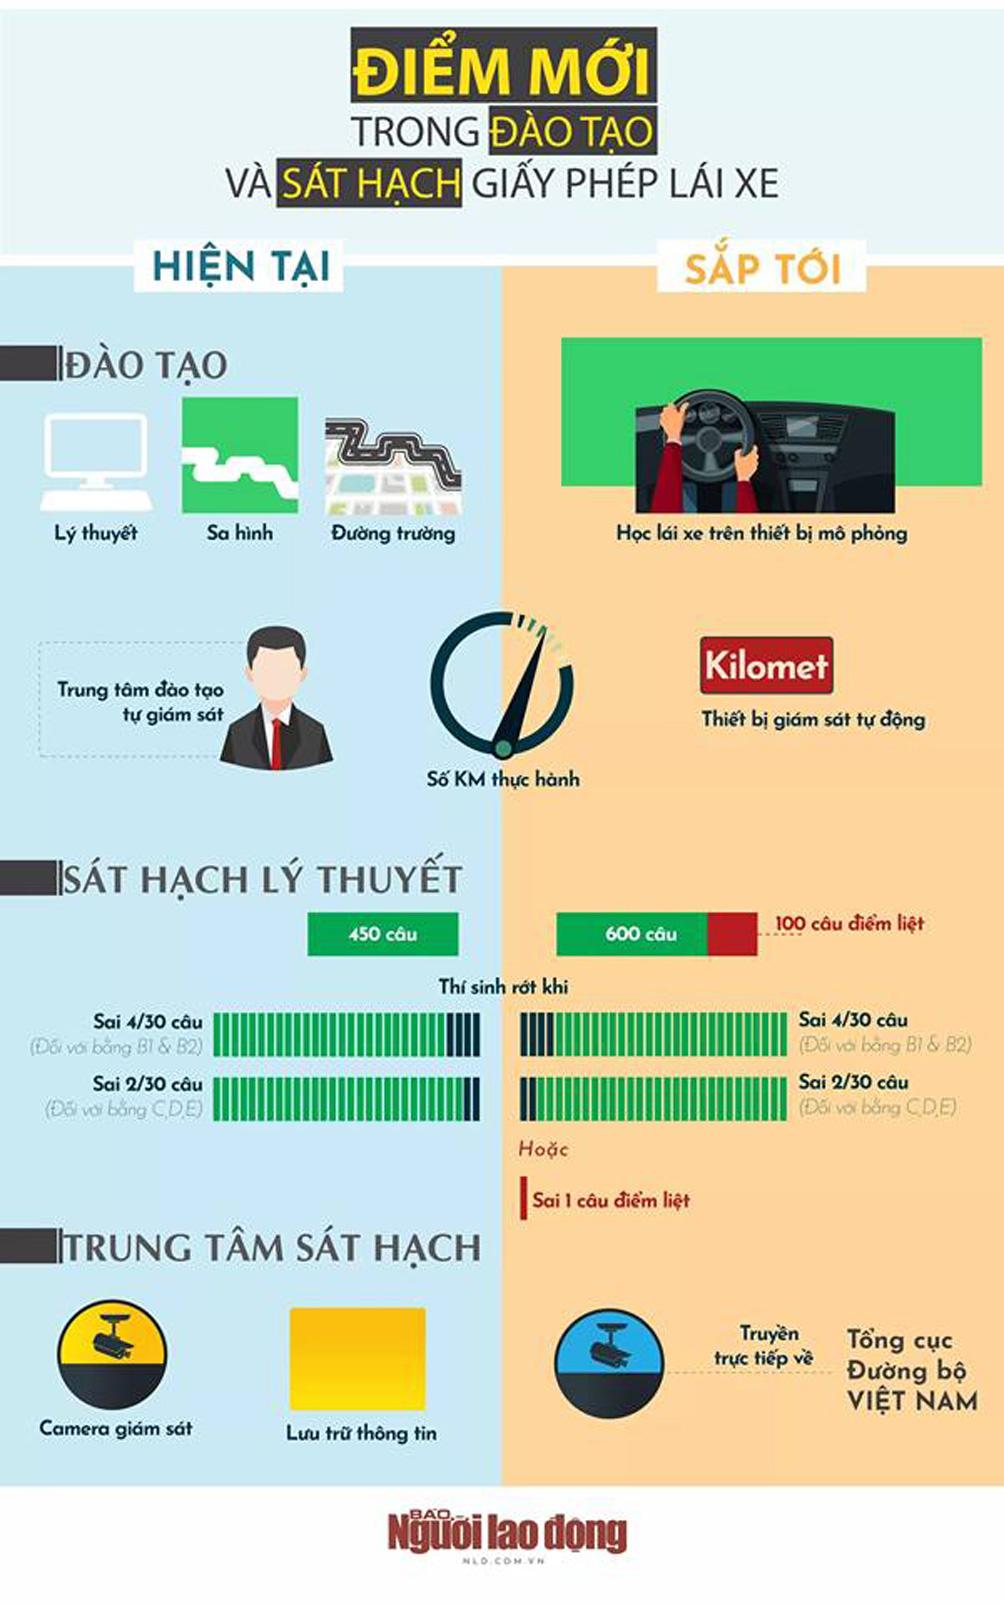 [Infographic] - Muốn thi lấy bằng lái ôtô, cần biết những điểm mới này - 1